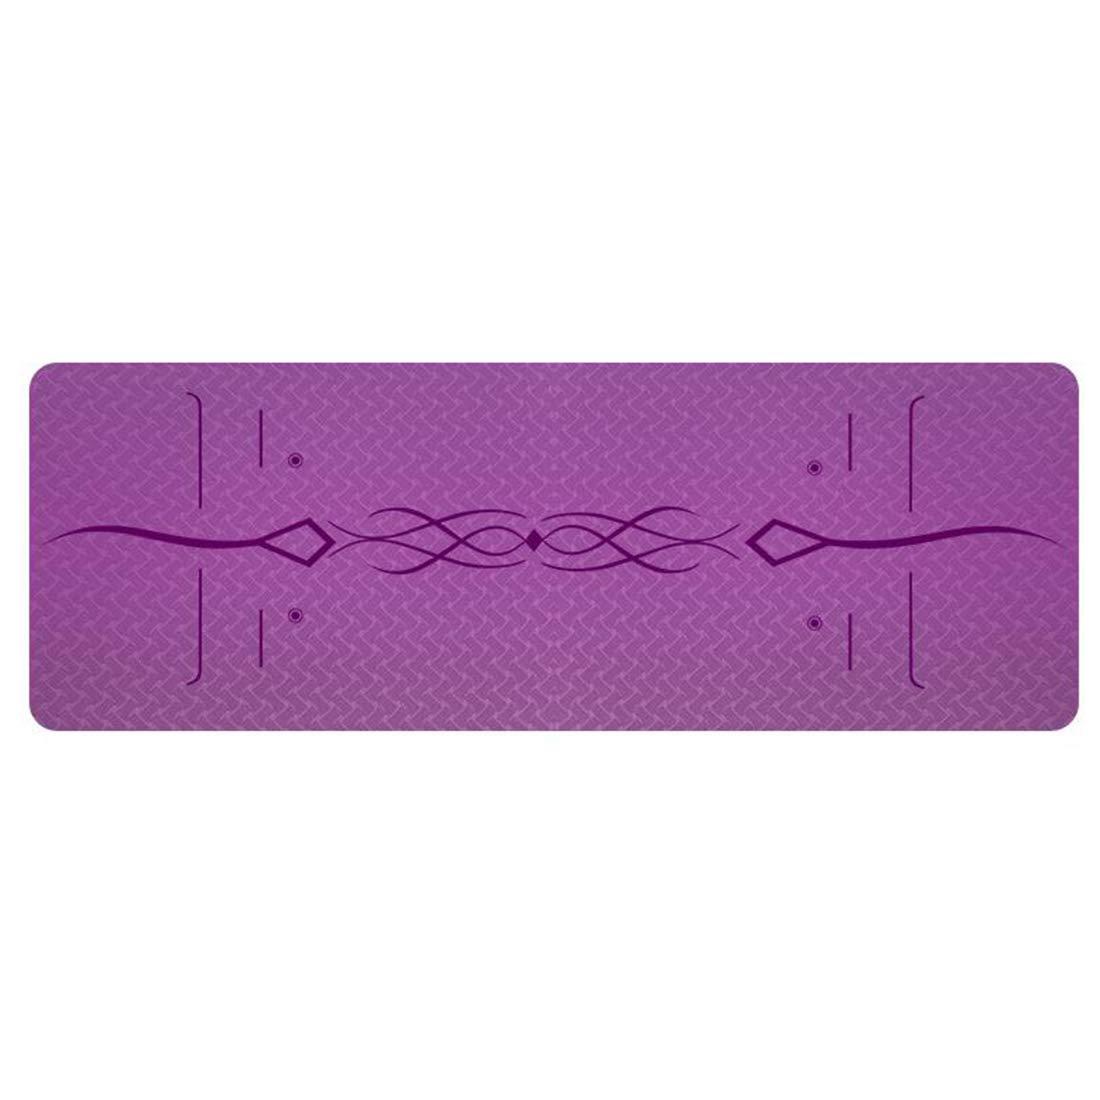 Dark violet Ploekgda Tapis de Yoga avec Sangle - Tapis de Yoga 6   8mm épais, antidérapant, léger, écologique, très Grand 72 X 24    72 X 31.5  pour Exercice de Fitness Yoga Pilates 183cmX80cm6mm